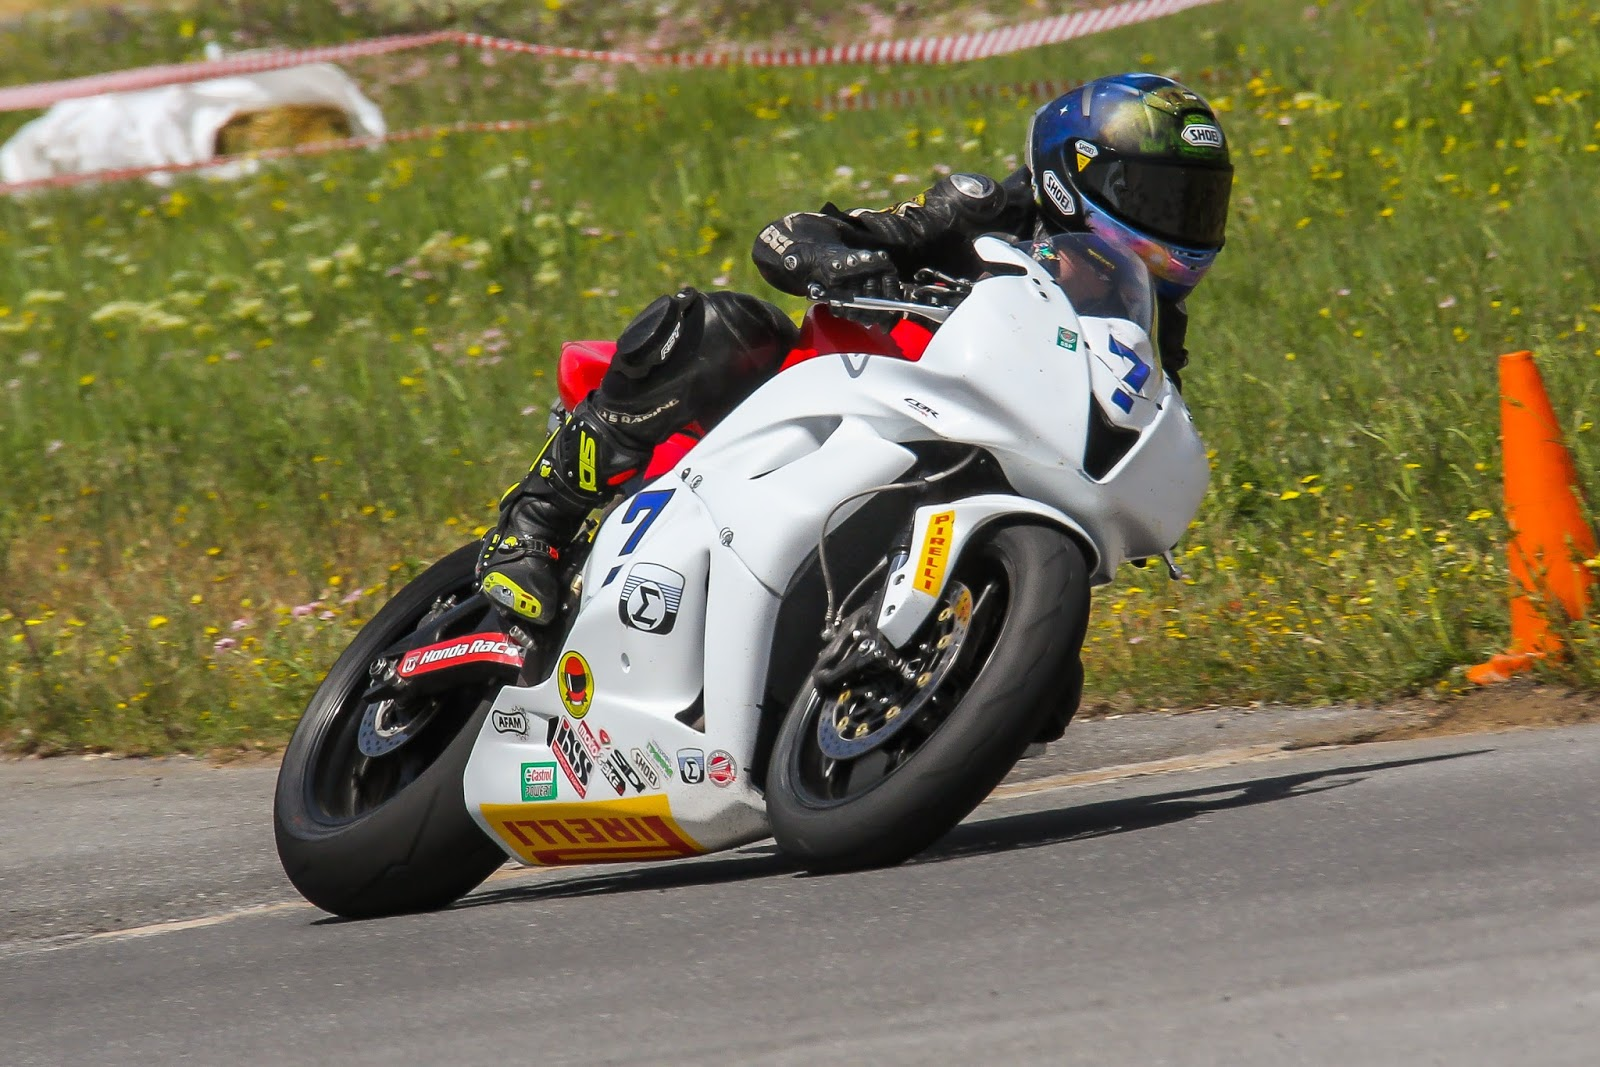 1η και 3η θέση στο βάθρο των νικητών για τους αναβάτες της Honda στην κατηγορία Supersport στον 2ο αγώνα του Πανελληνίου Πρωταθλήματος Ταχύτητας Μοτοσυκλέτας στην Τρίπολη